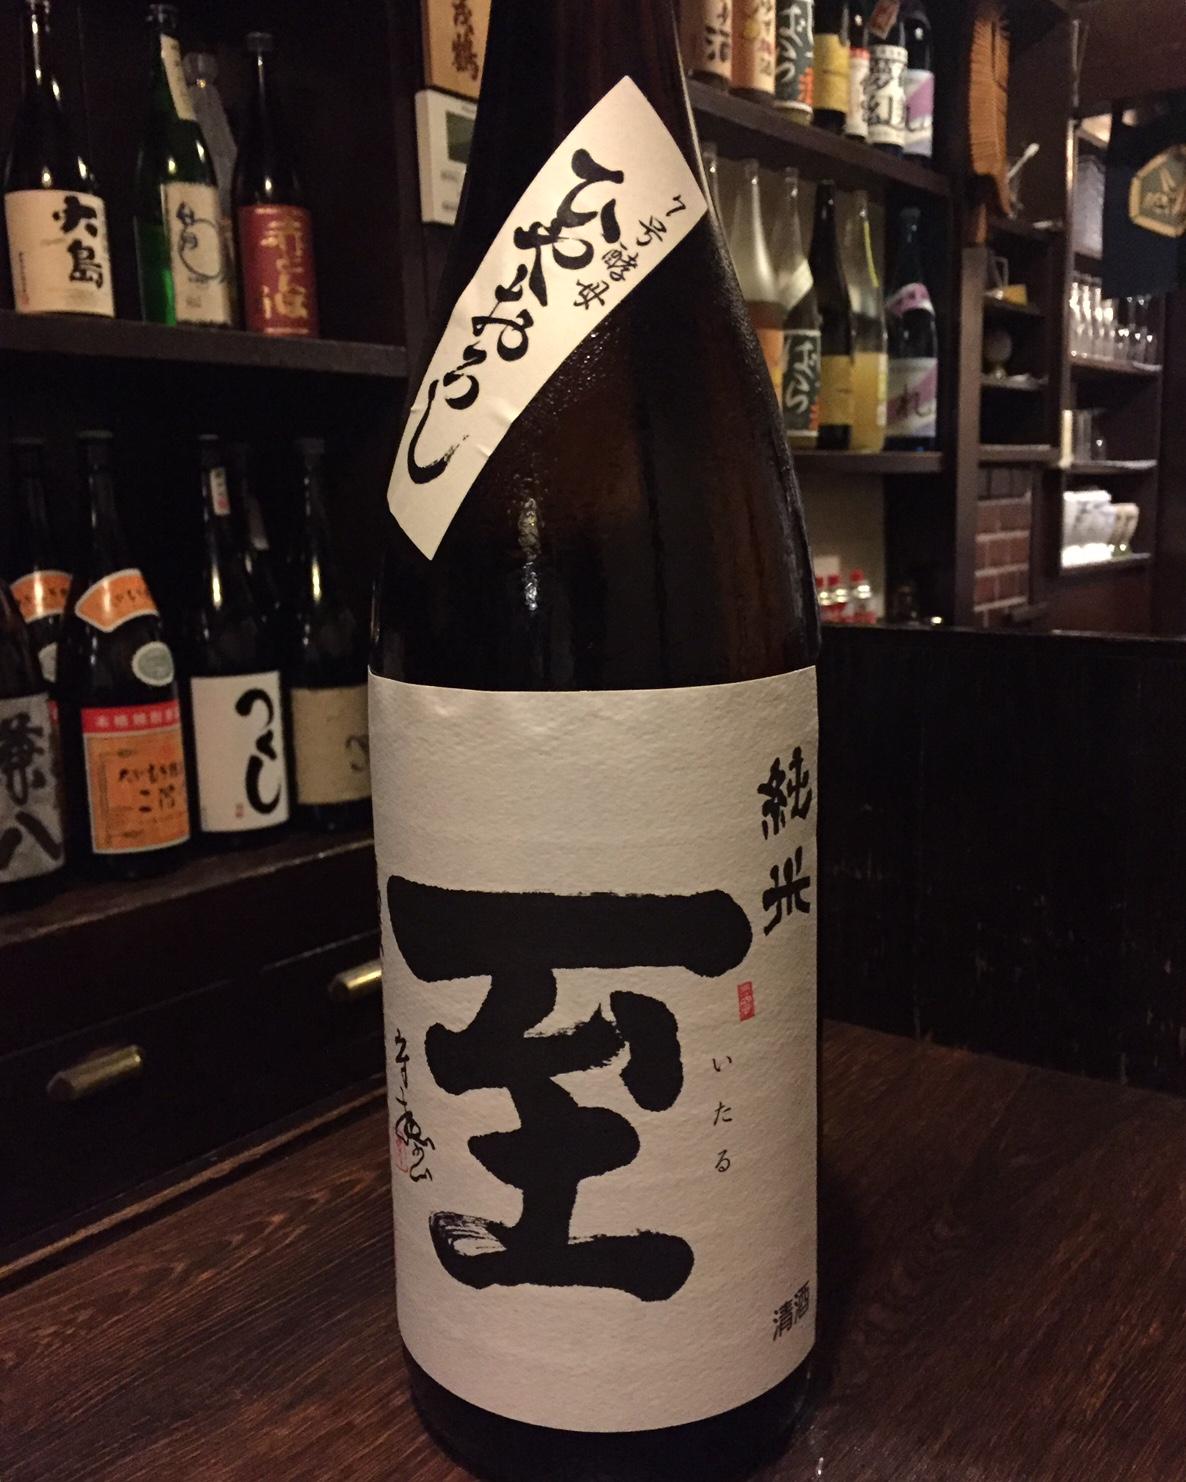 至 純米原酒 7号酵母ひやおろし_d0205957_22503577.jpg